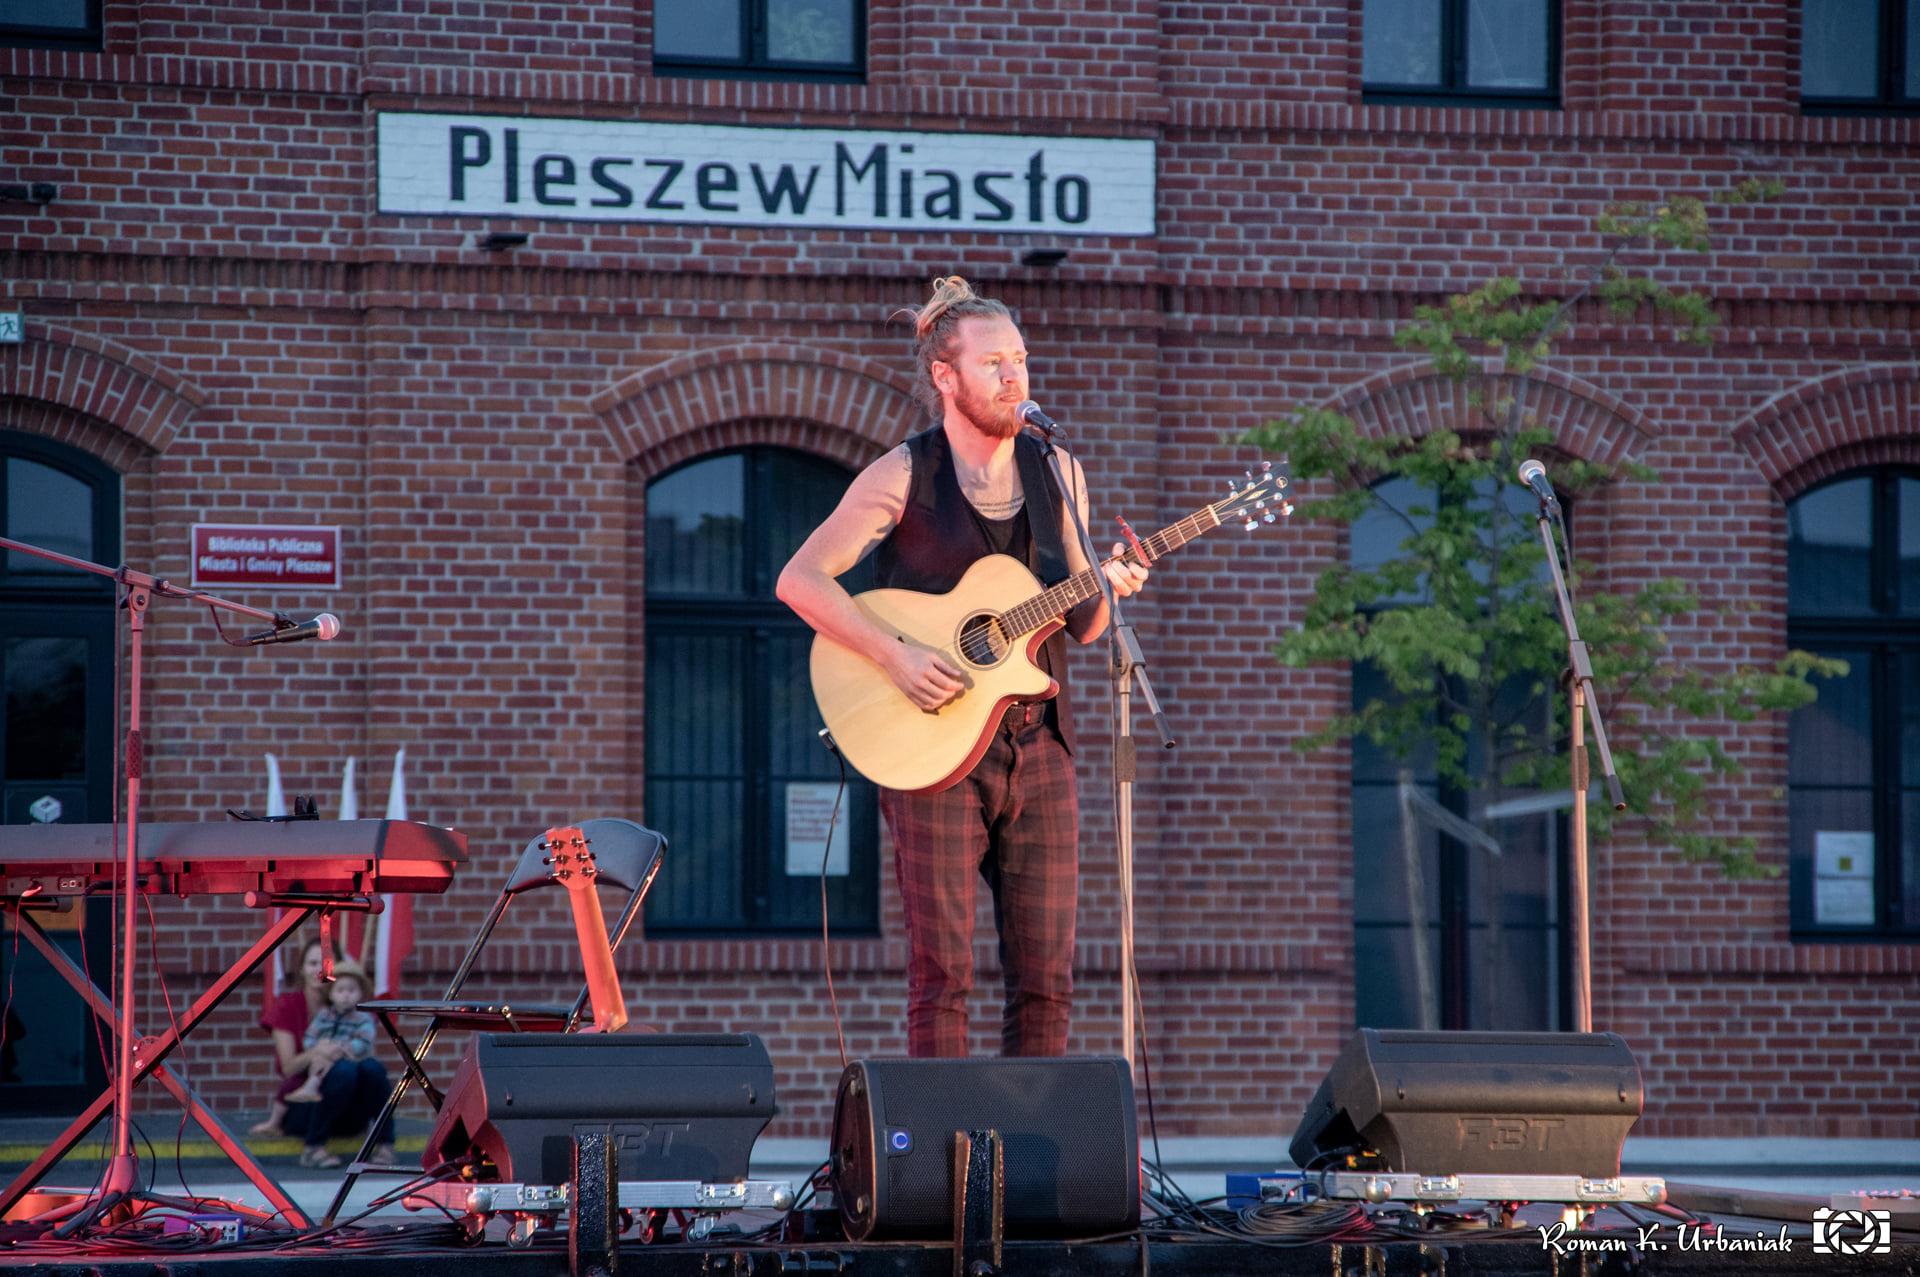 Ragnar Ólafsson wystąpił w Pleszewie [ZDJĘCIA] - Zdjęcie główne